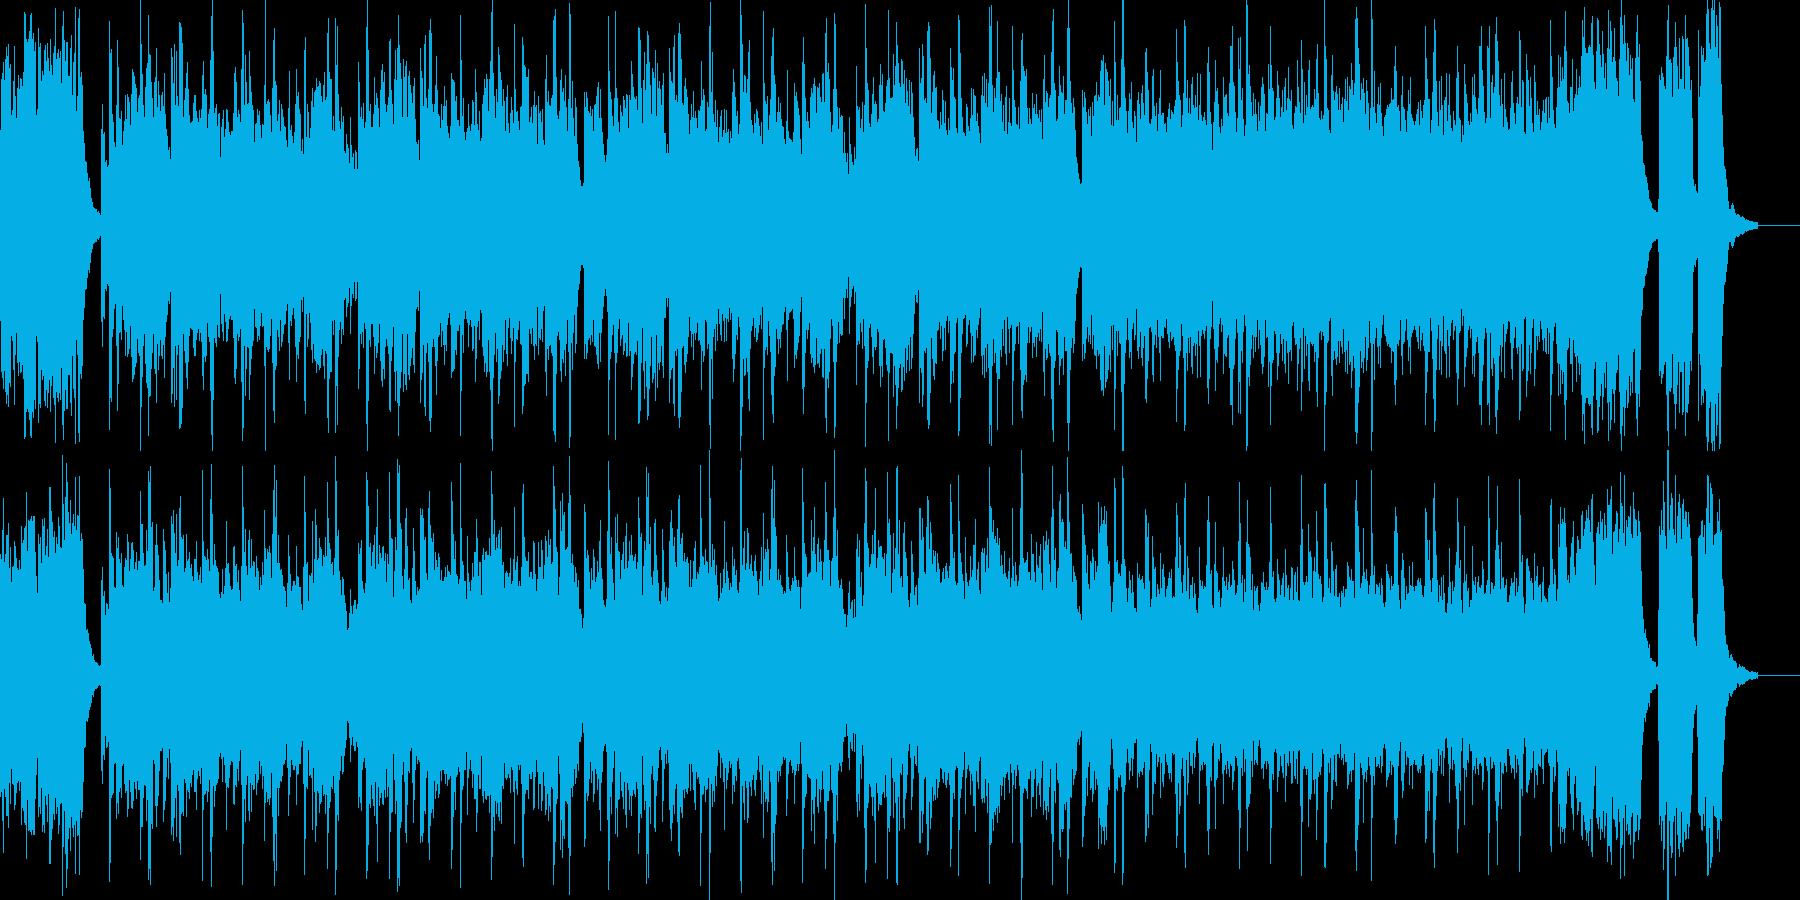 熱血ヒーロー・戦隊もの系の曲の再生済みの波形